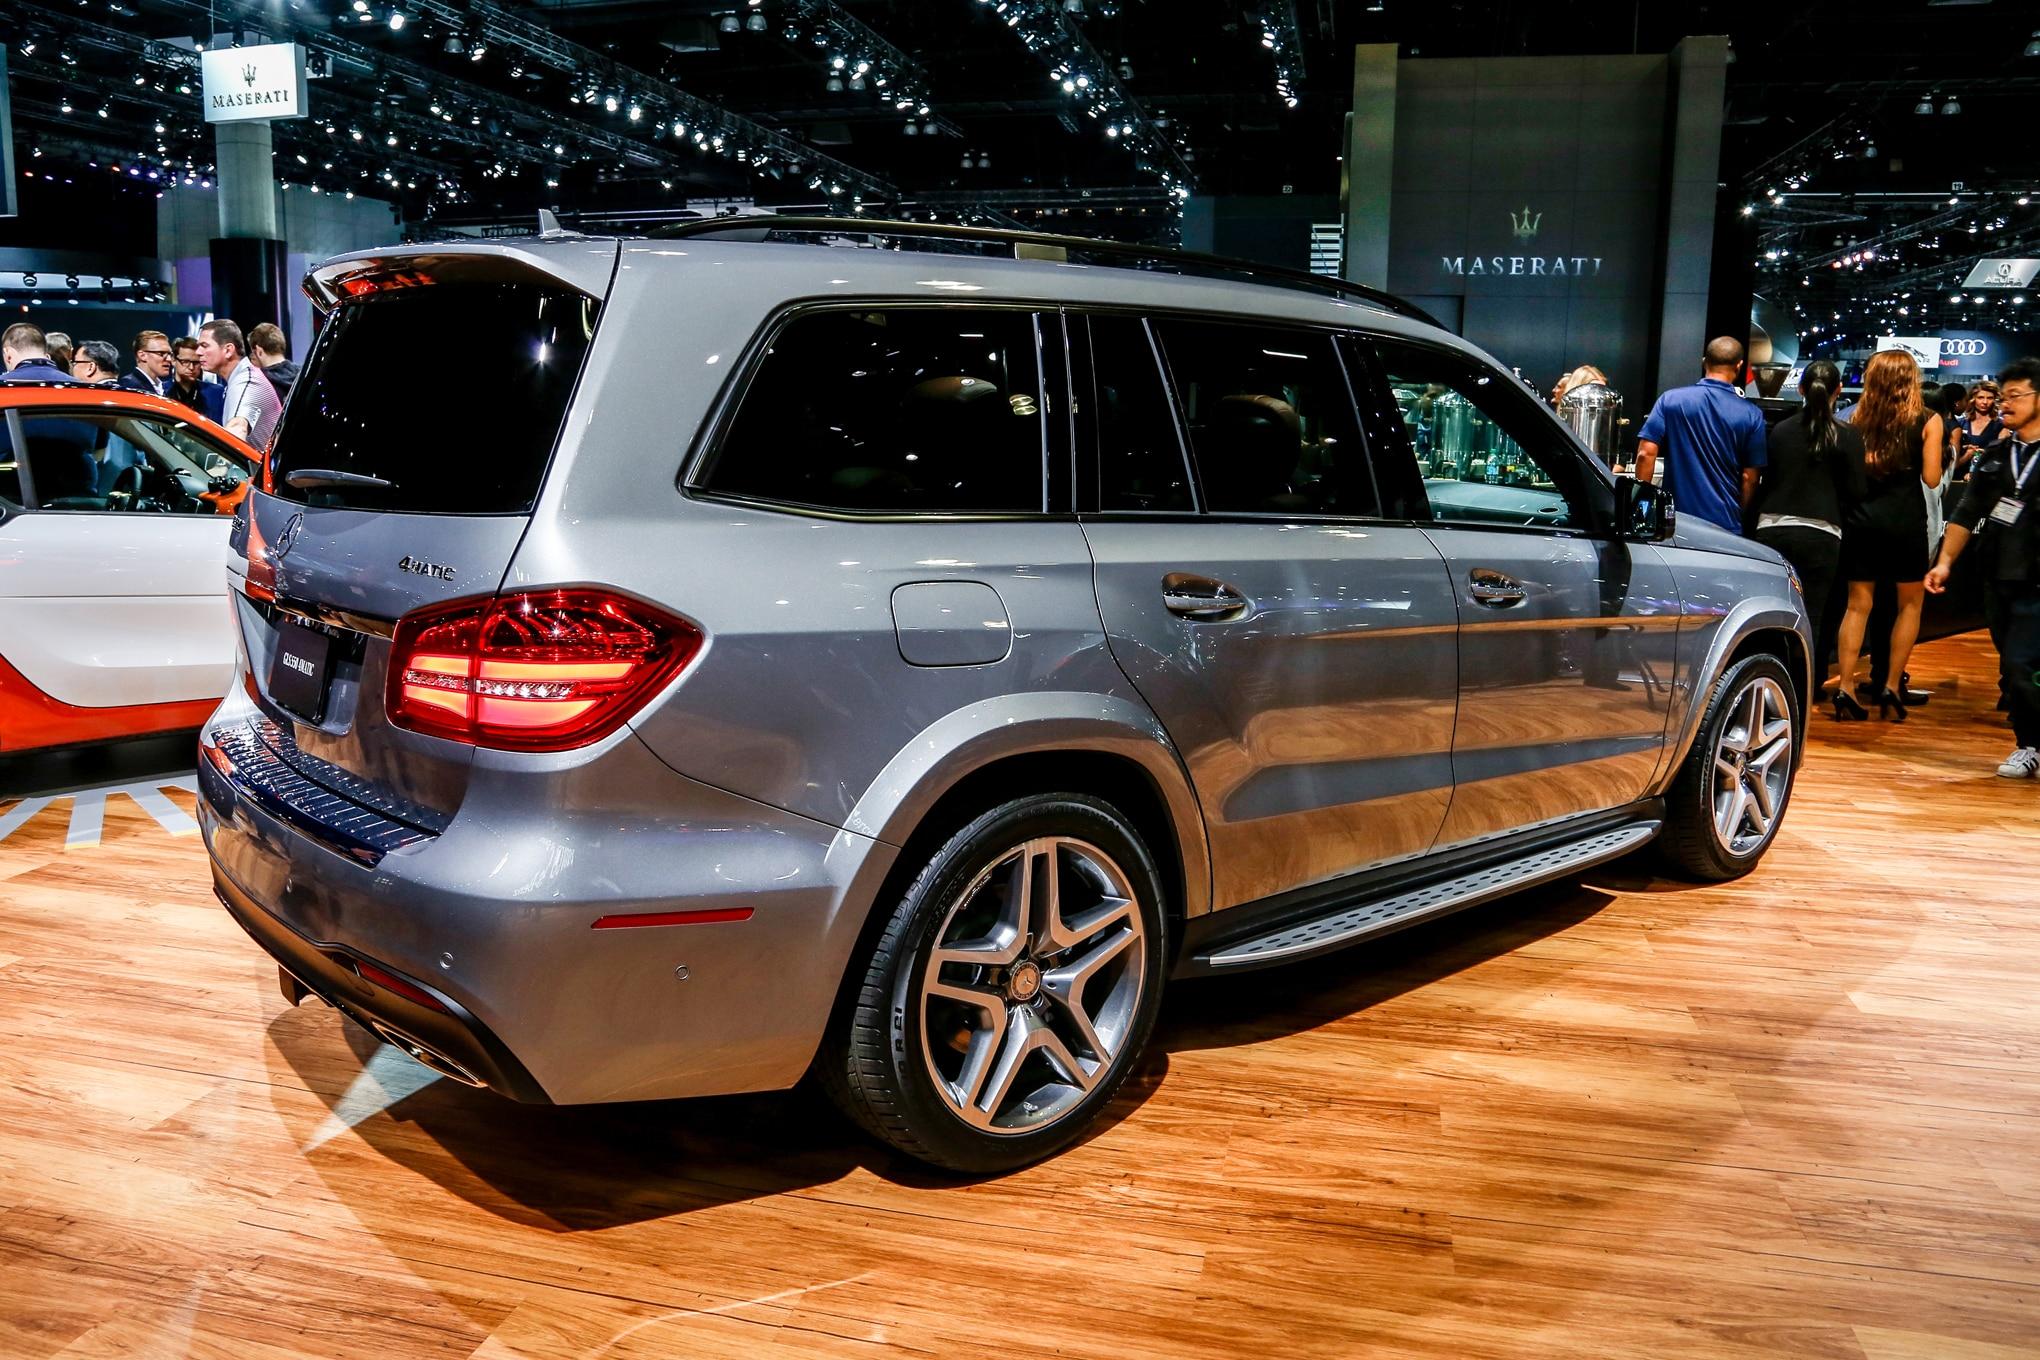 2017 Mercedes Benz Gls550 4matic Rear Three Quarter 02